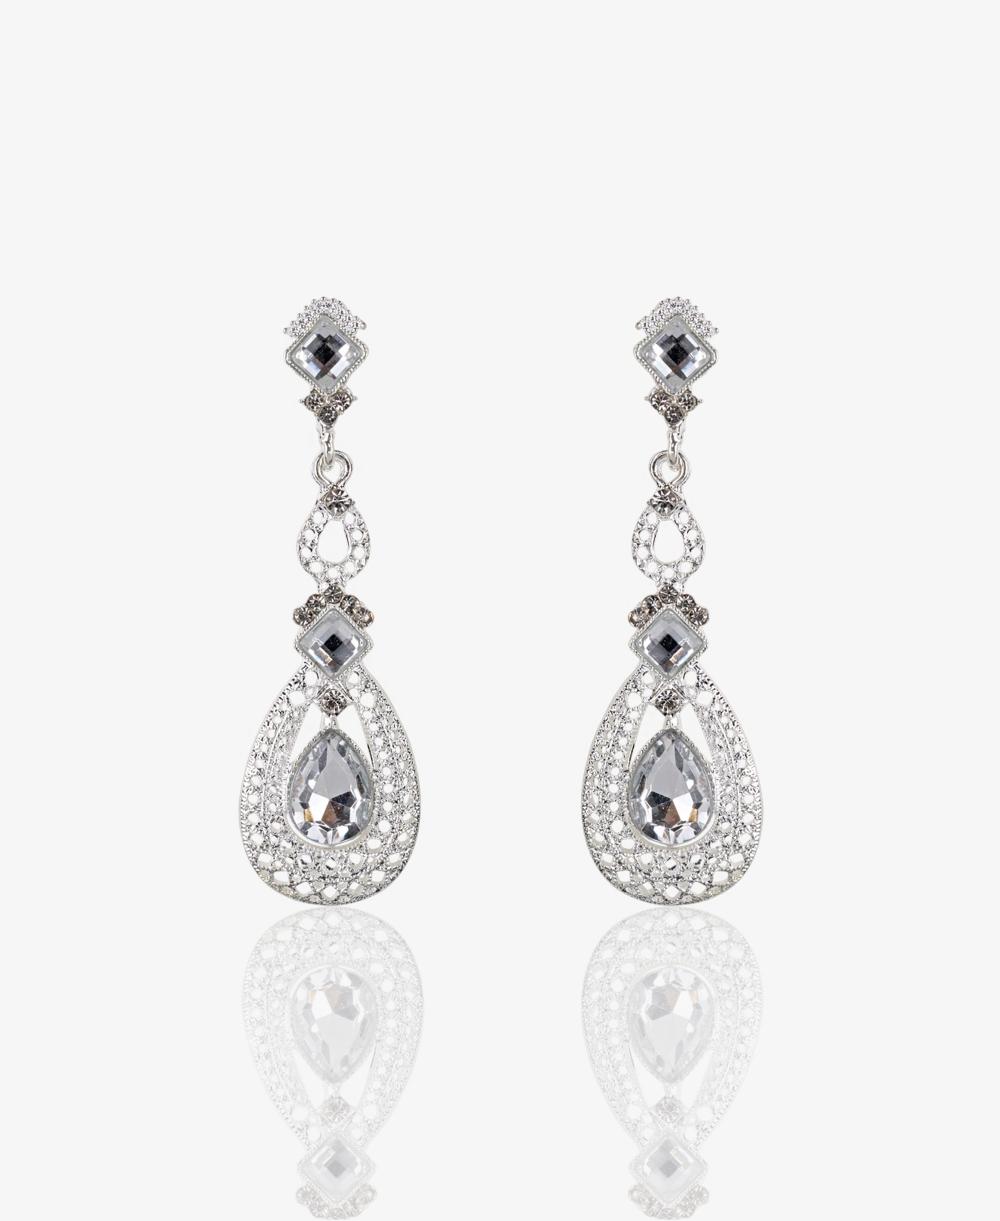 f5ce2c1bb50 KRISP Large Oval Diamante Drop Earrings